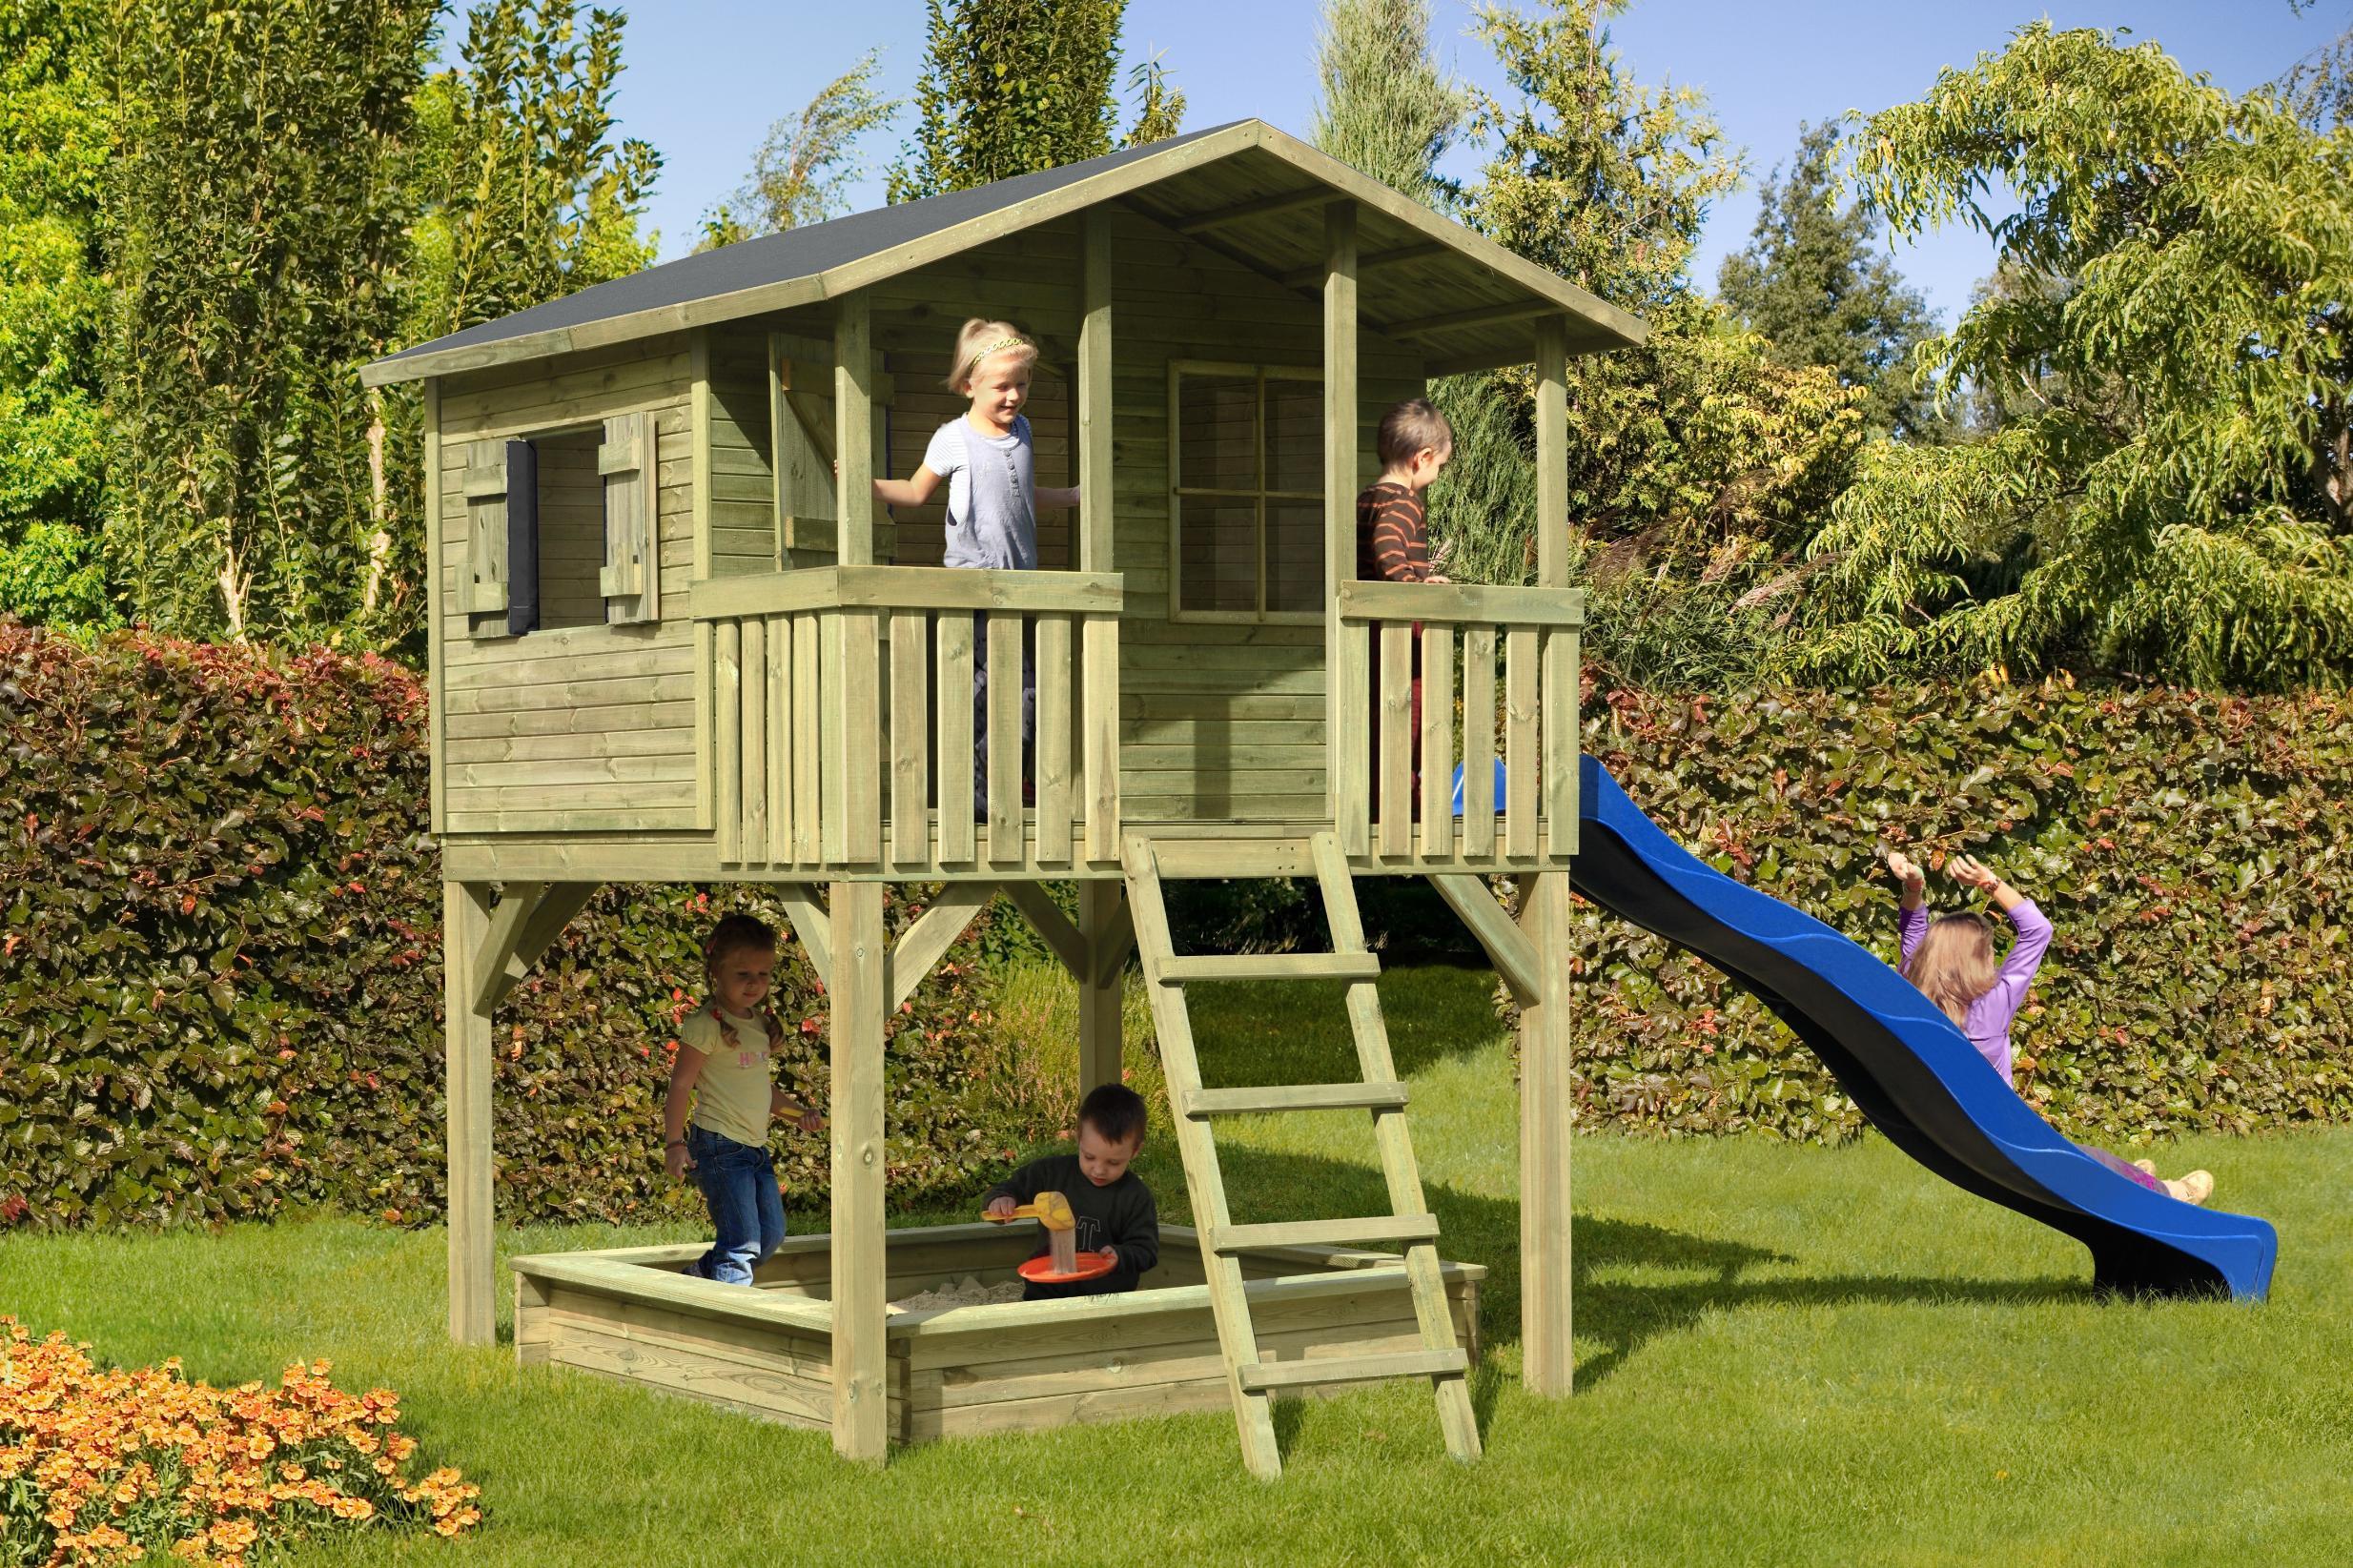 Cabane En Bois Pas Cher Impressionnant Photos Maison Enfant Jardin Bois Plus Brillant Cabane Enfant Pas Cher